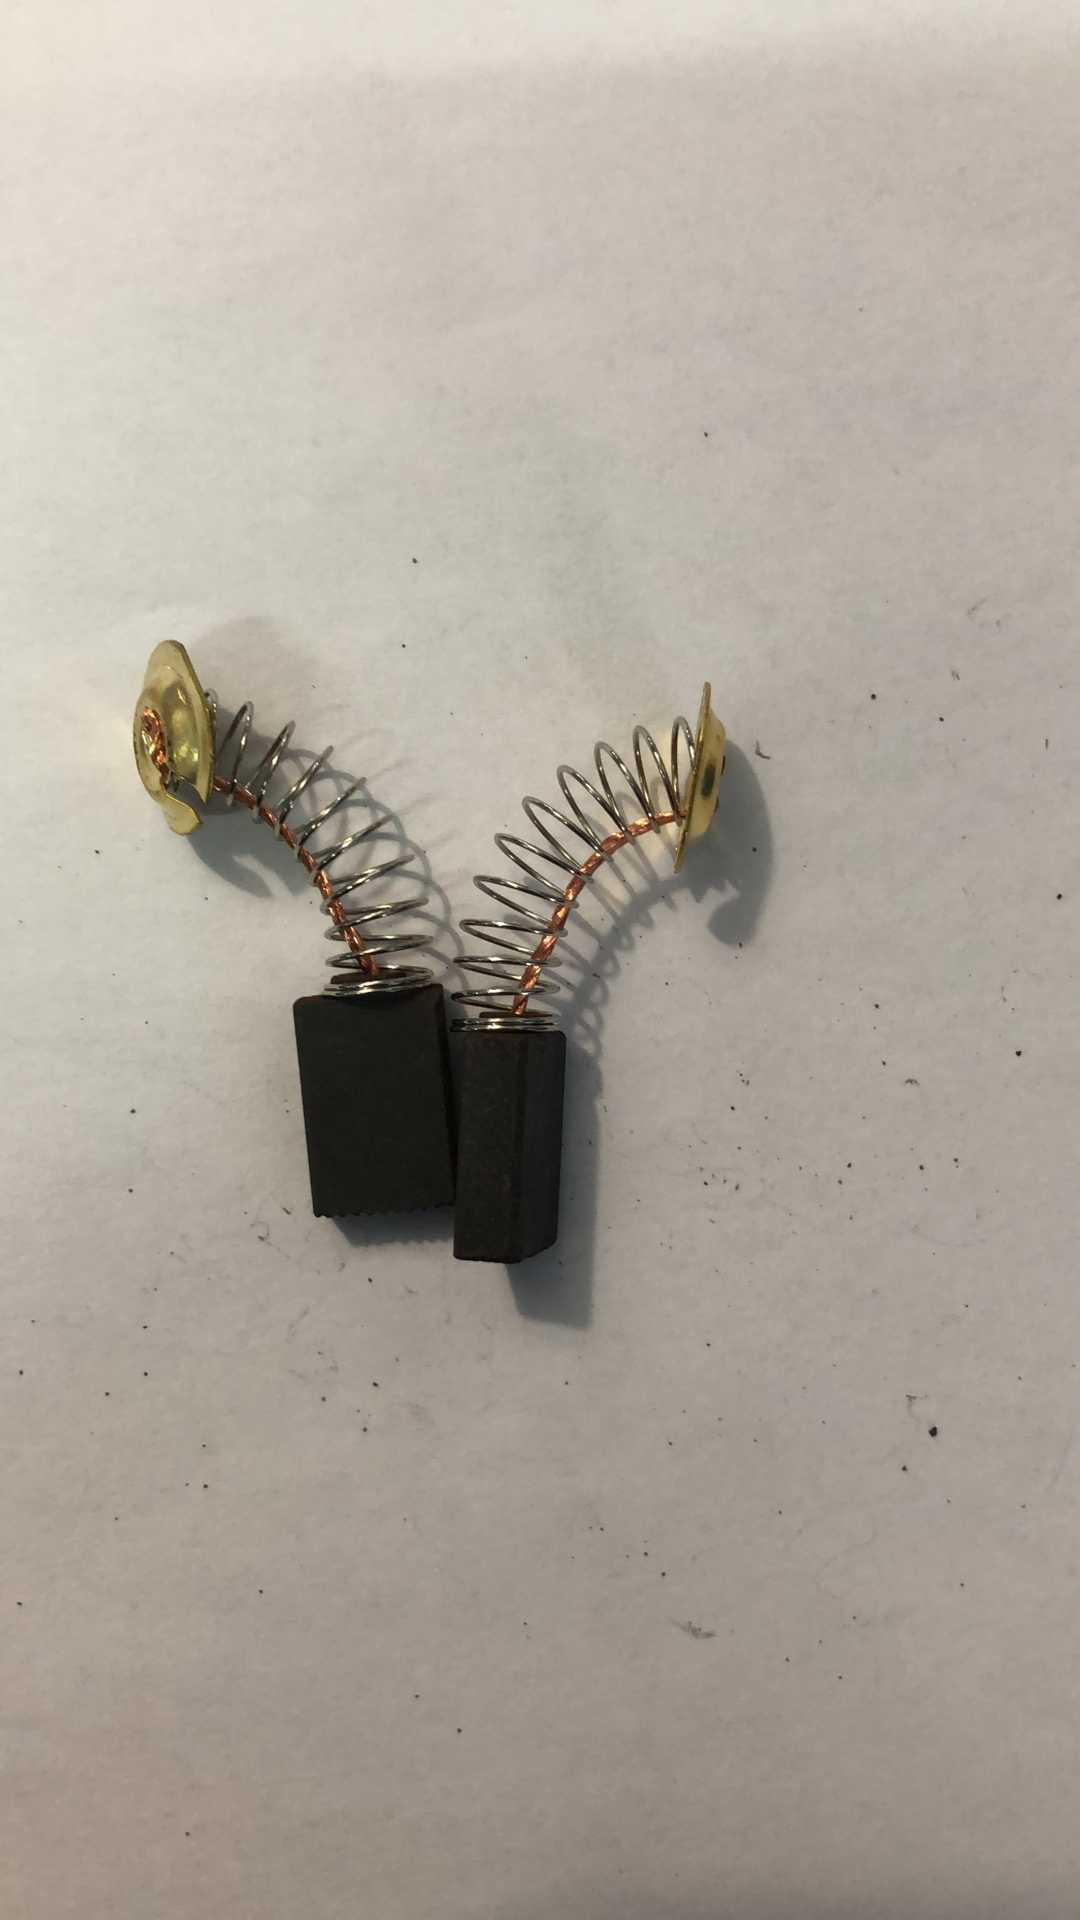 """Outil électrique pour compresseur d'air, moteur électrique 2 pièces de 5x11x18mm brosses en carbone de Graphite ressorts et fils outil électrique pour compresseur d'air 1/5 """"x 7/16"""" x 43/64"""""""